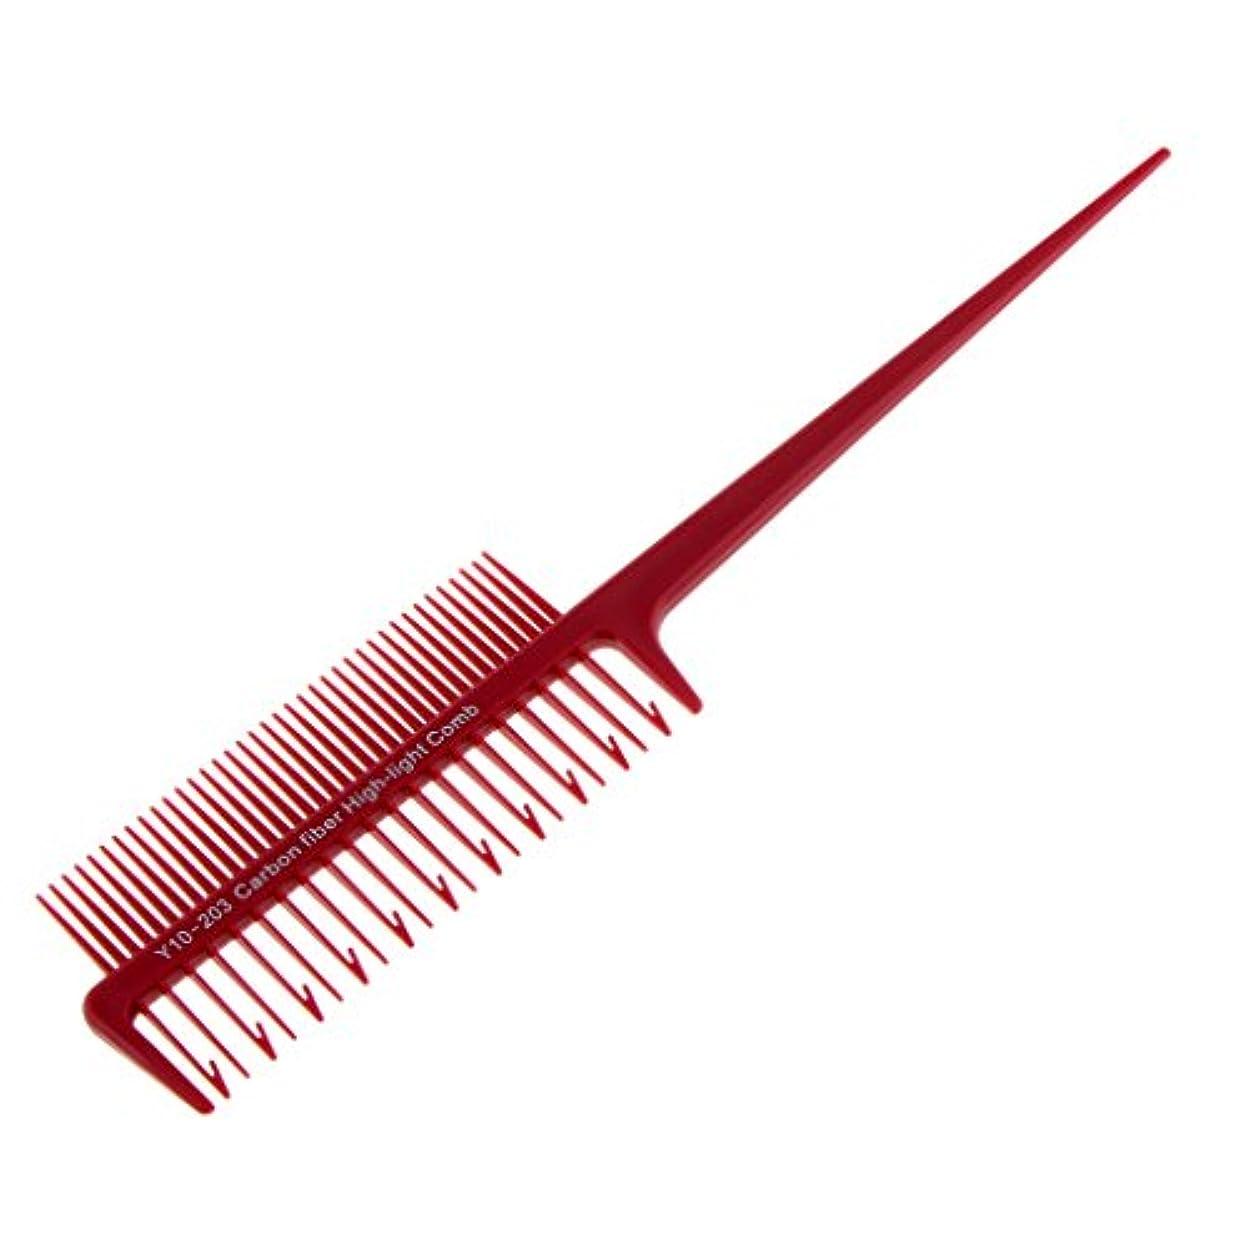 アンプ美容師アクセスできない2ウェイサロンスタイリングマイクロブライディングセクショニング織りハイライトハイライトくし4色プラスチックを選択する - 赤